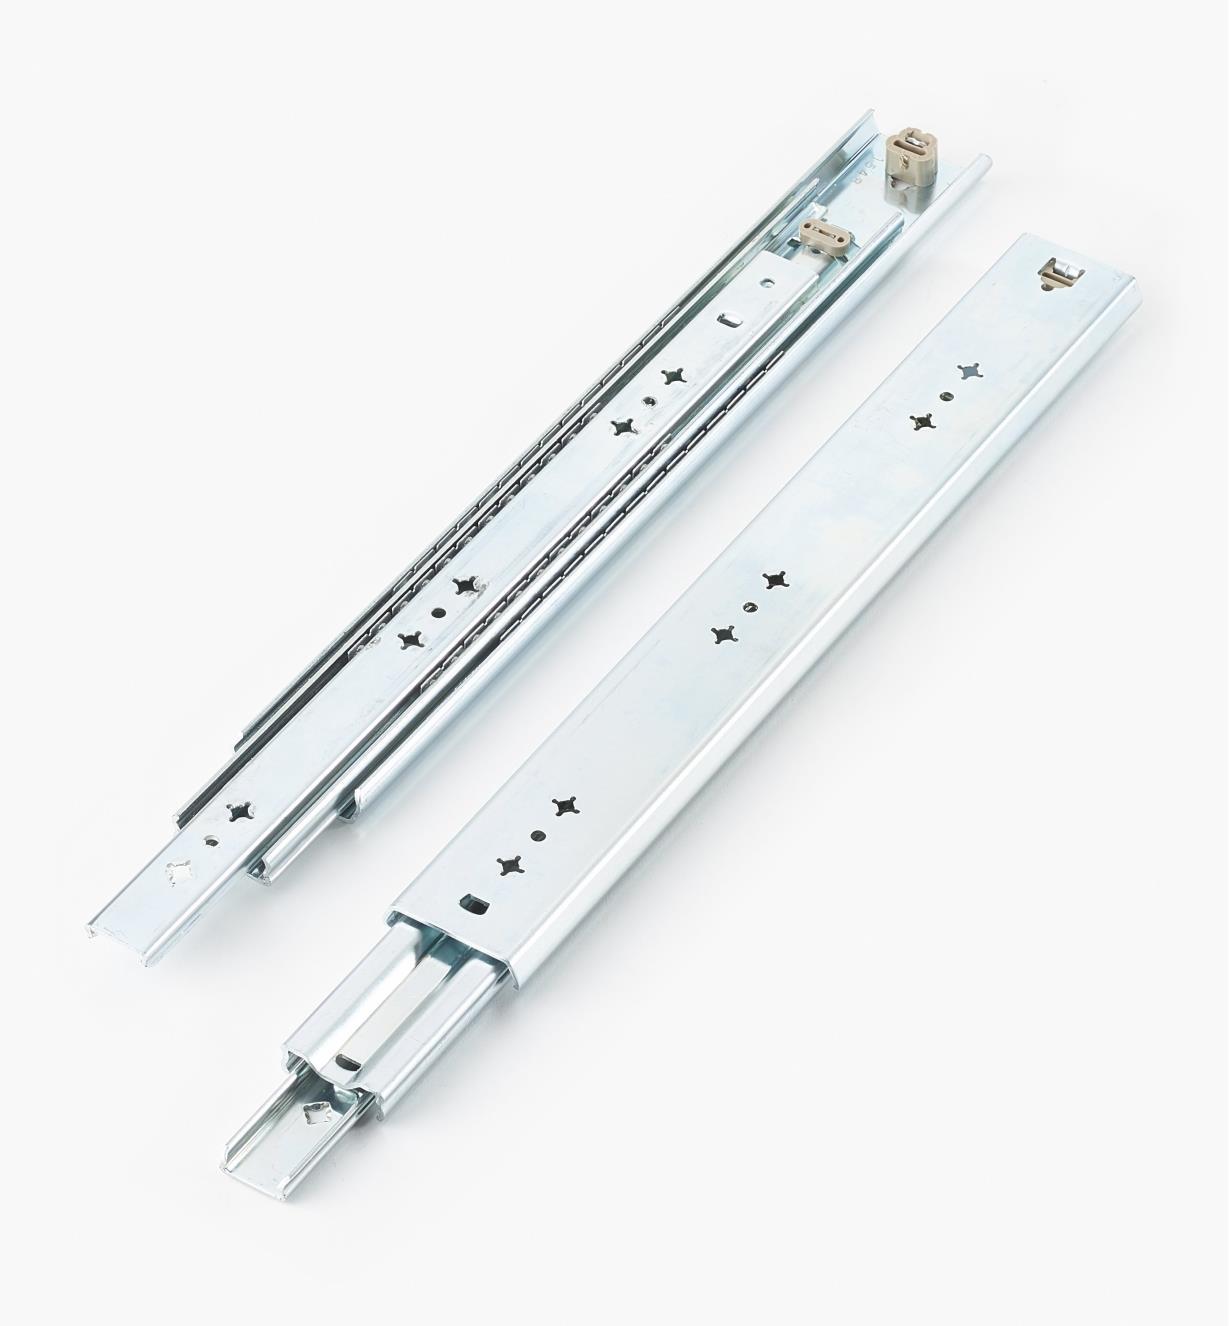 02K3216 - Coulisses de 16po (400mm) à extension complète pour charge de 200lb, la paire